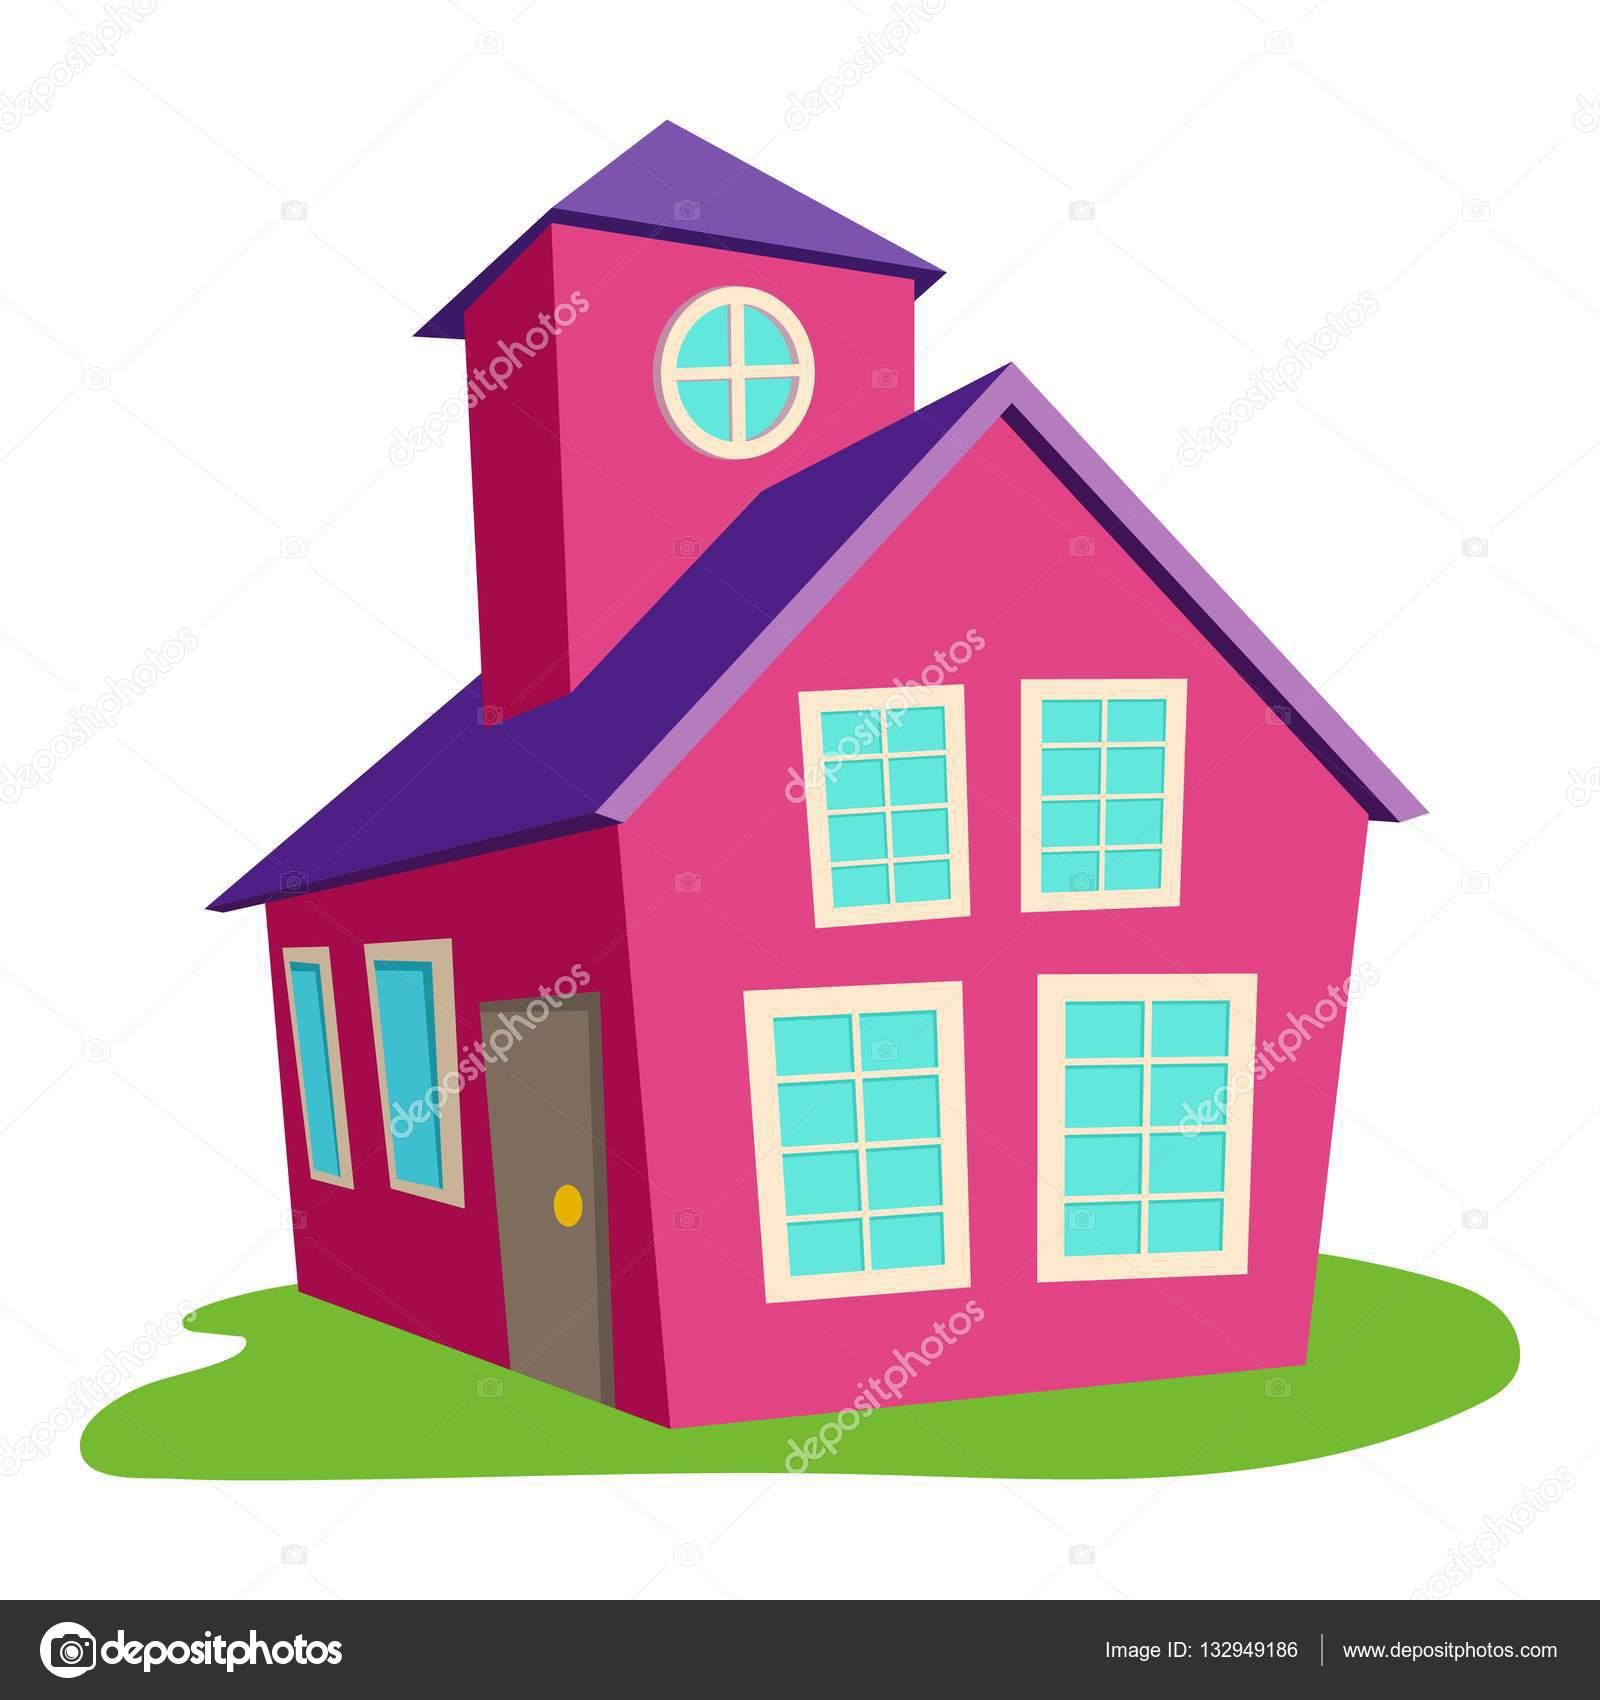 Dibujos Casas A Color Icono De Casa Color Estilo De Dibujos